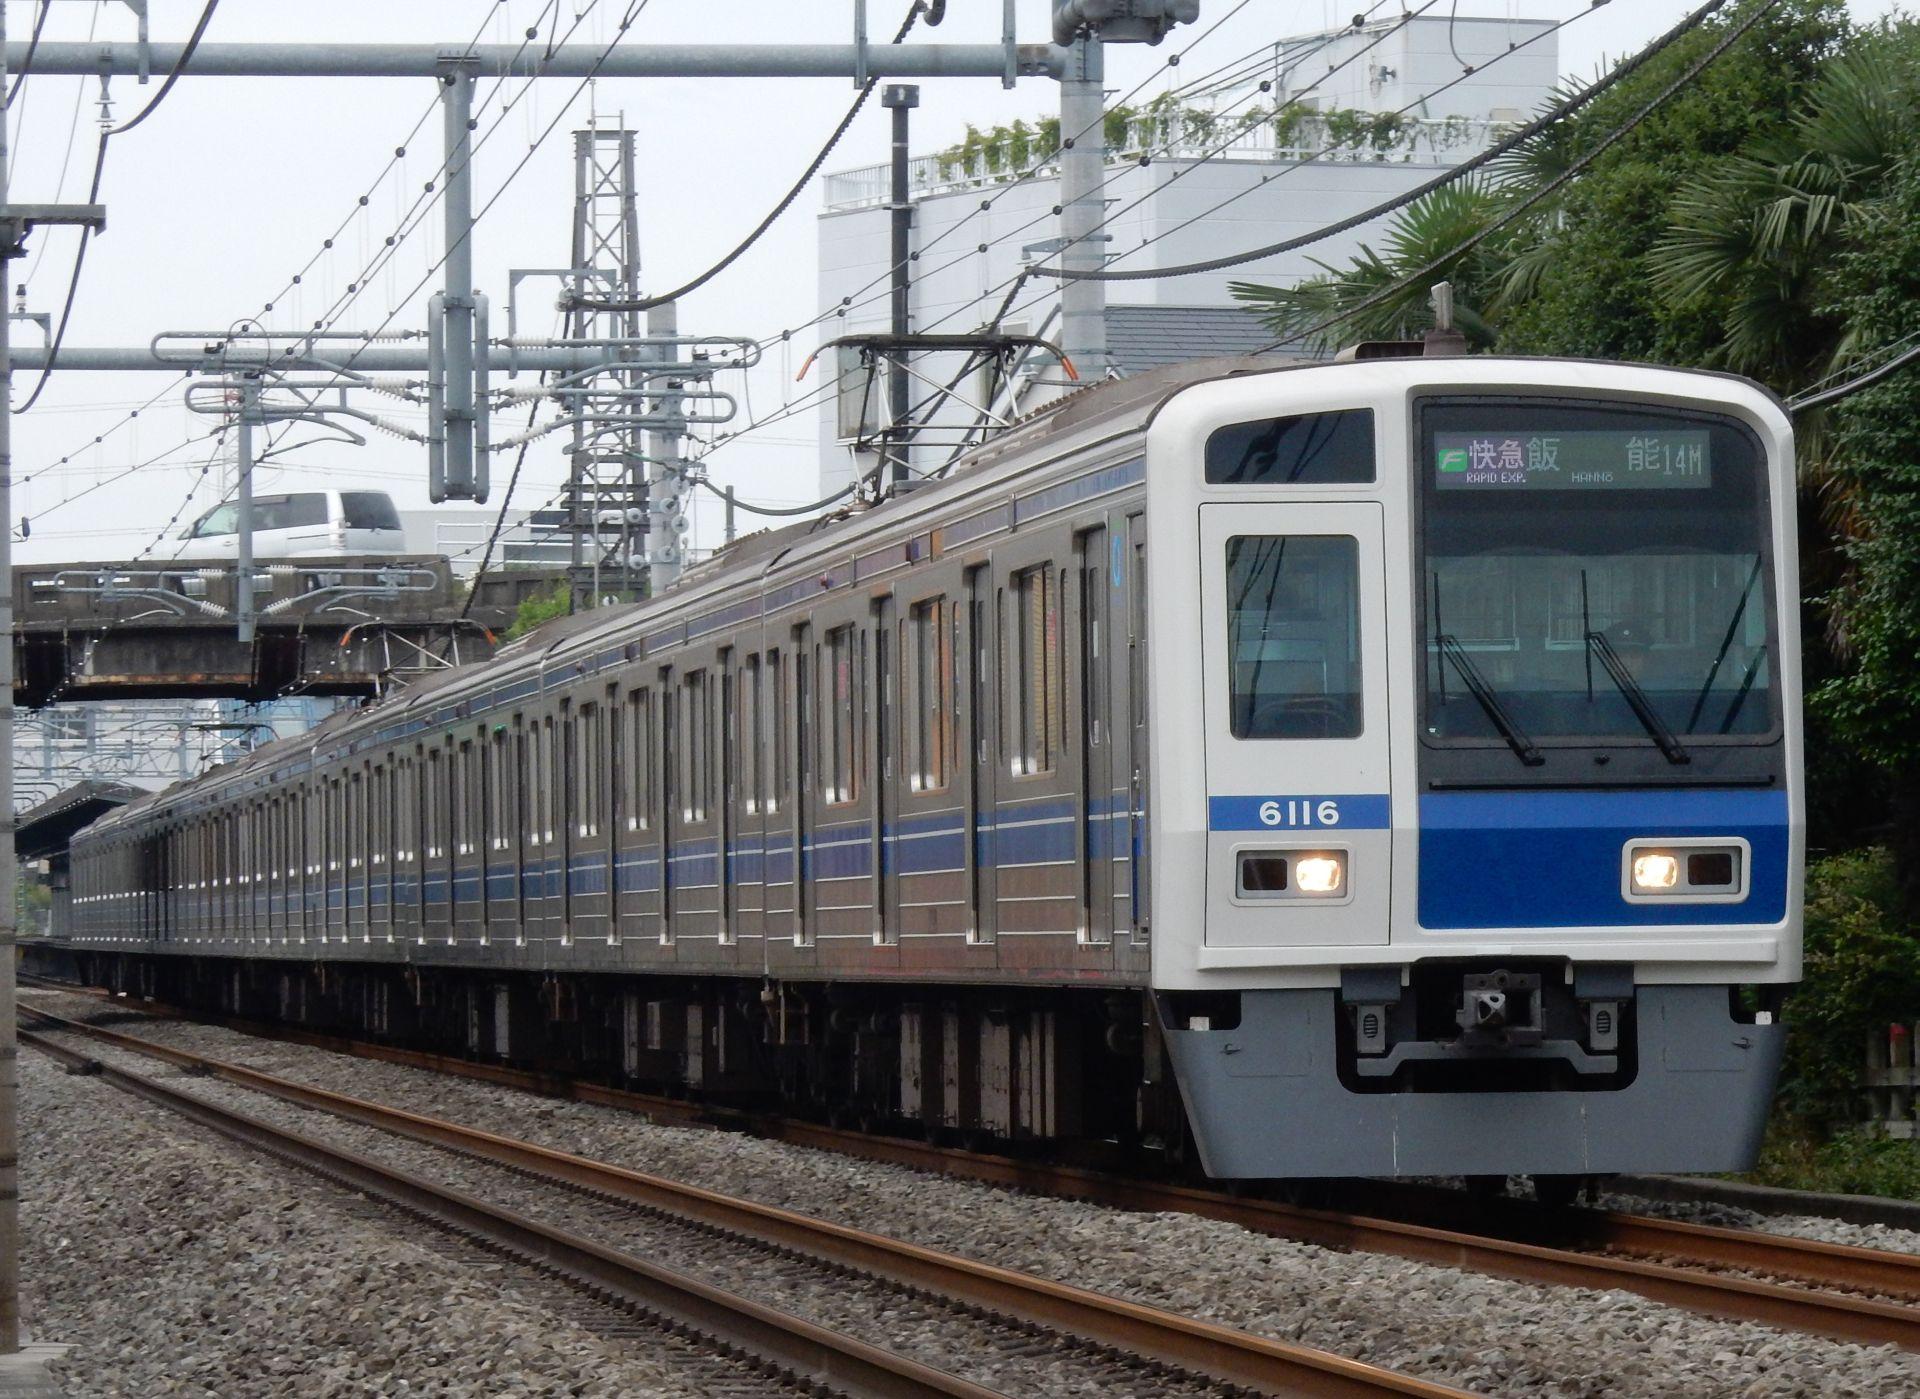 DSCN0960 - コピー